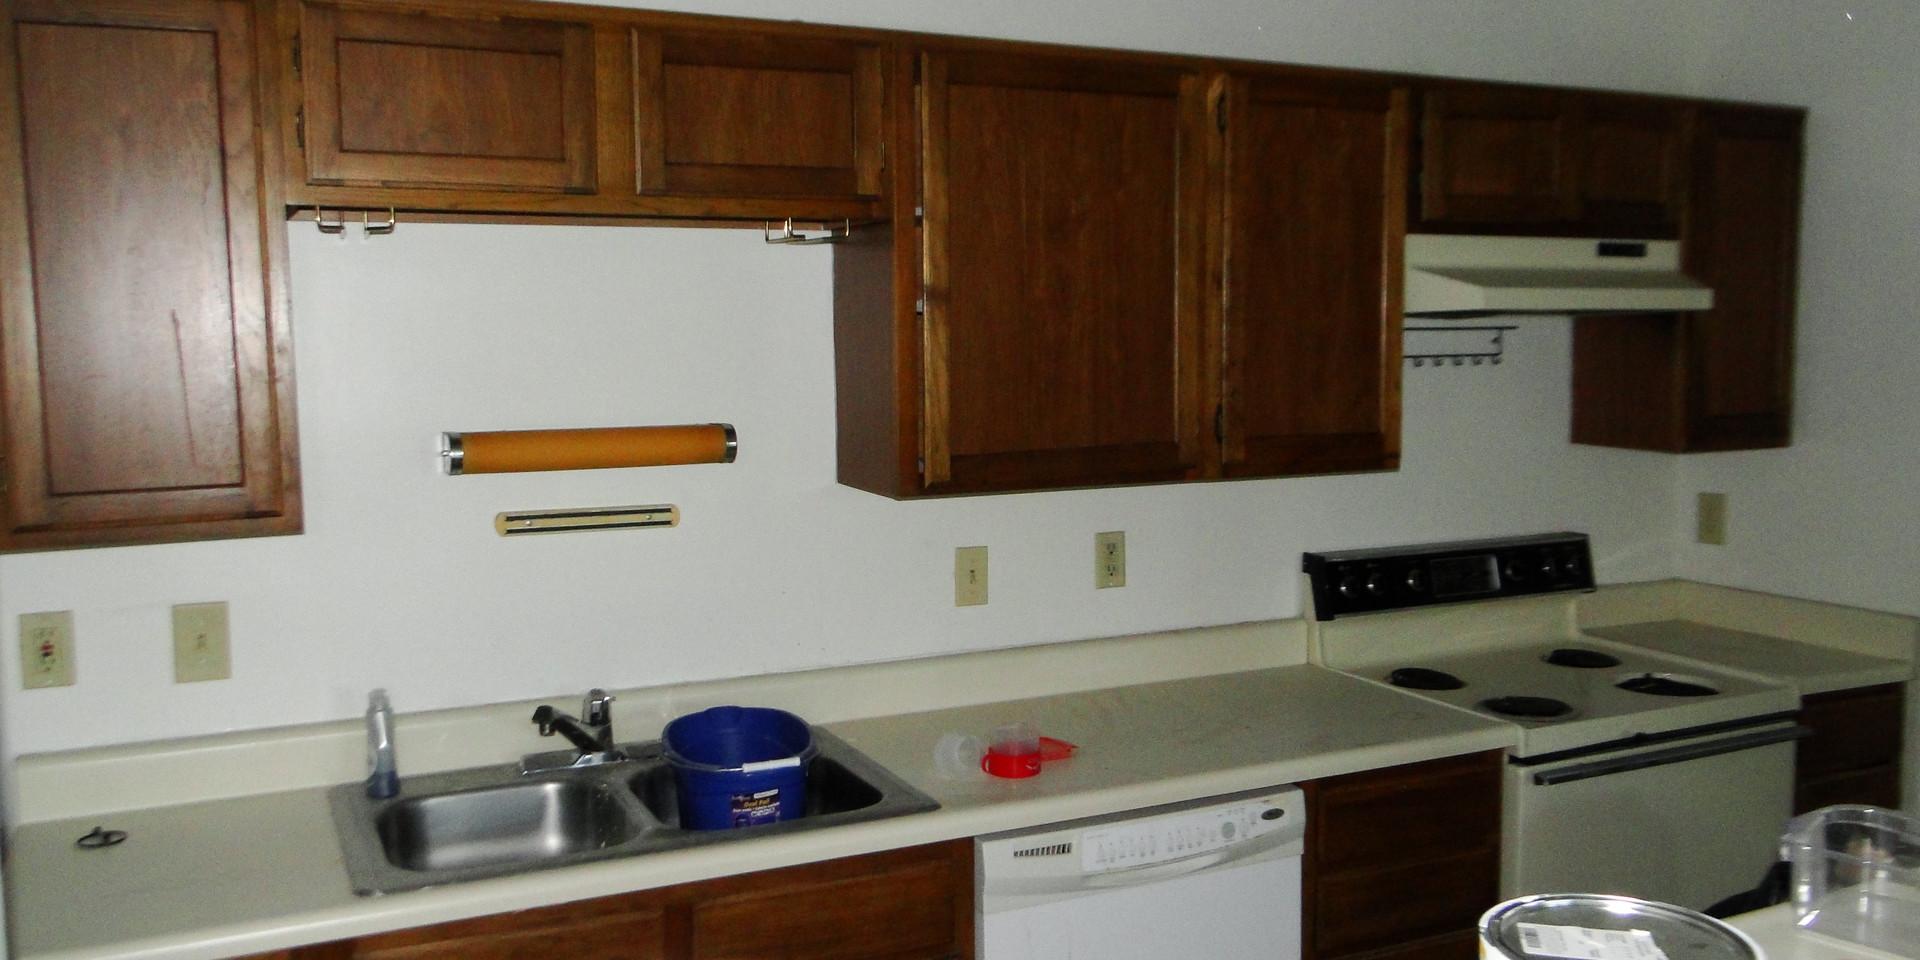 08 - Kitchen 4.JPG